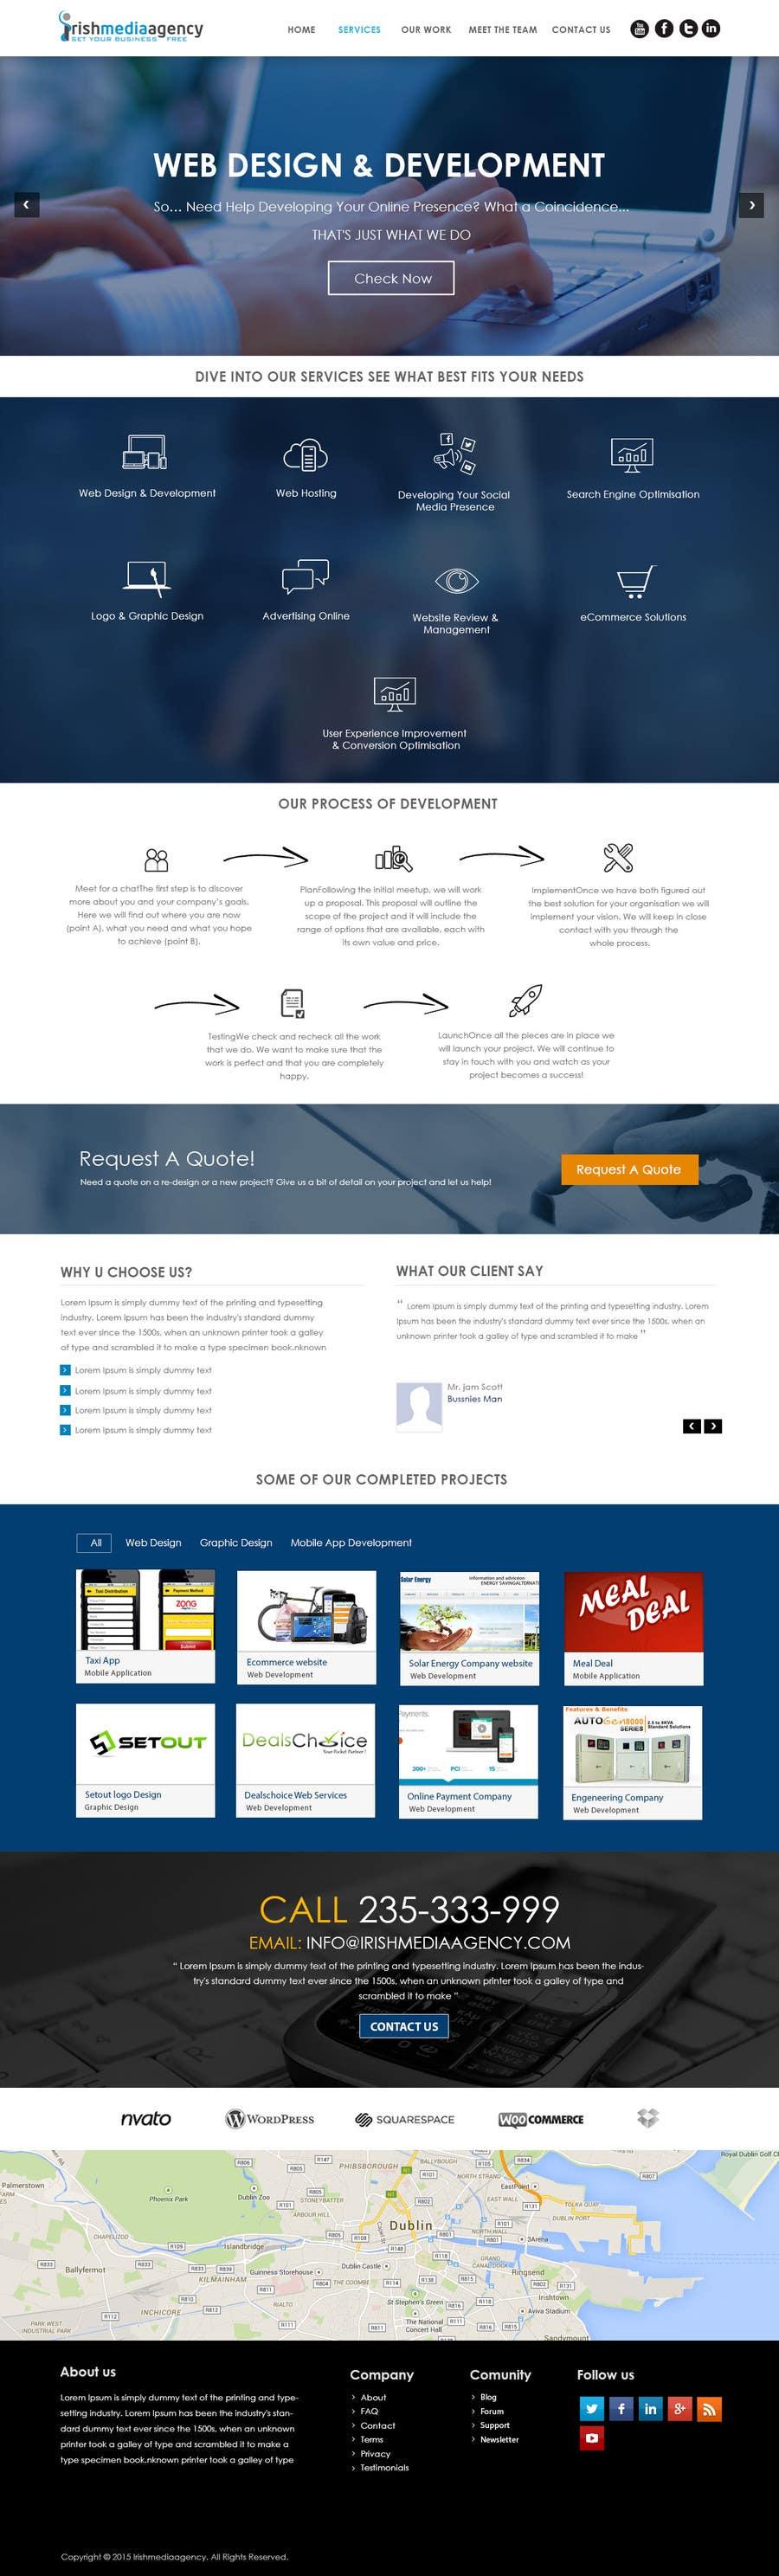 Konkurrenceindlæg #18 for Design a Website Mockup for Irish Media Agency